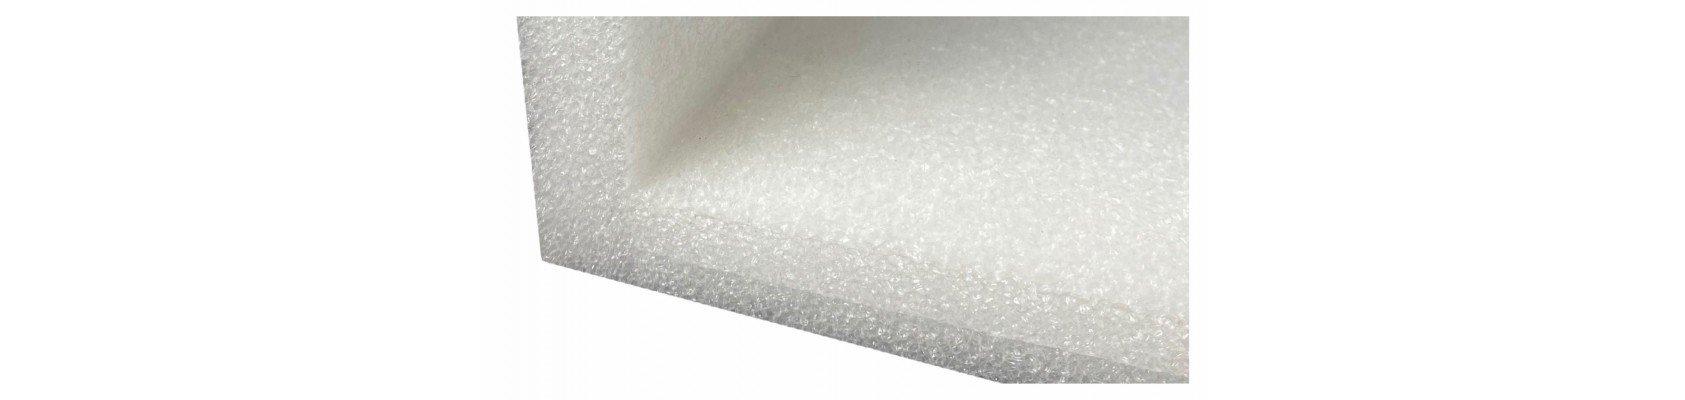 epe-foam-sheet